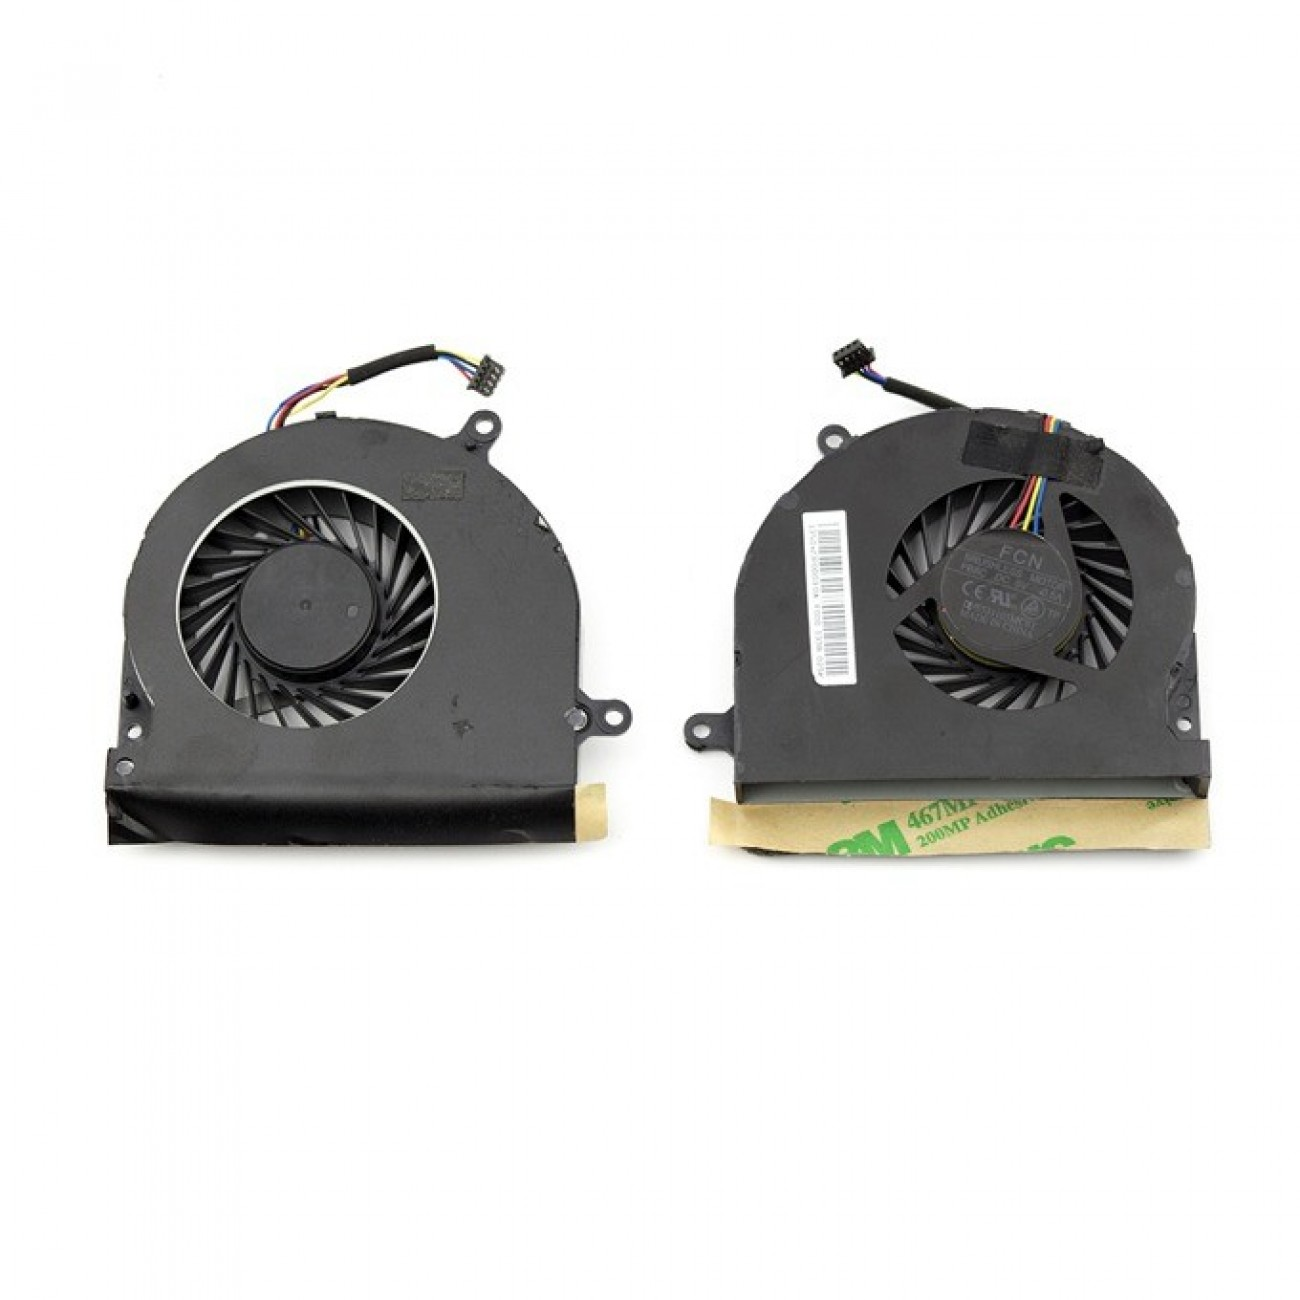 Вентилатор за лаптоп HP Pavilion DV4-5113TX DV4-5000 dv4-5109tx DV4-5103tx в Резервни части -  | Alleop